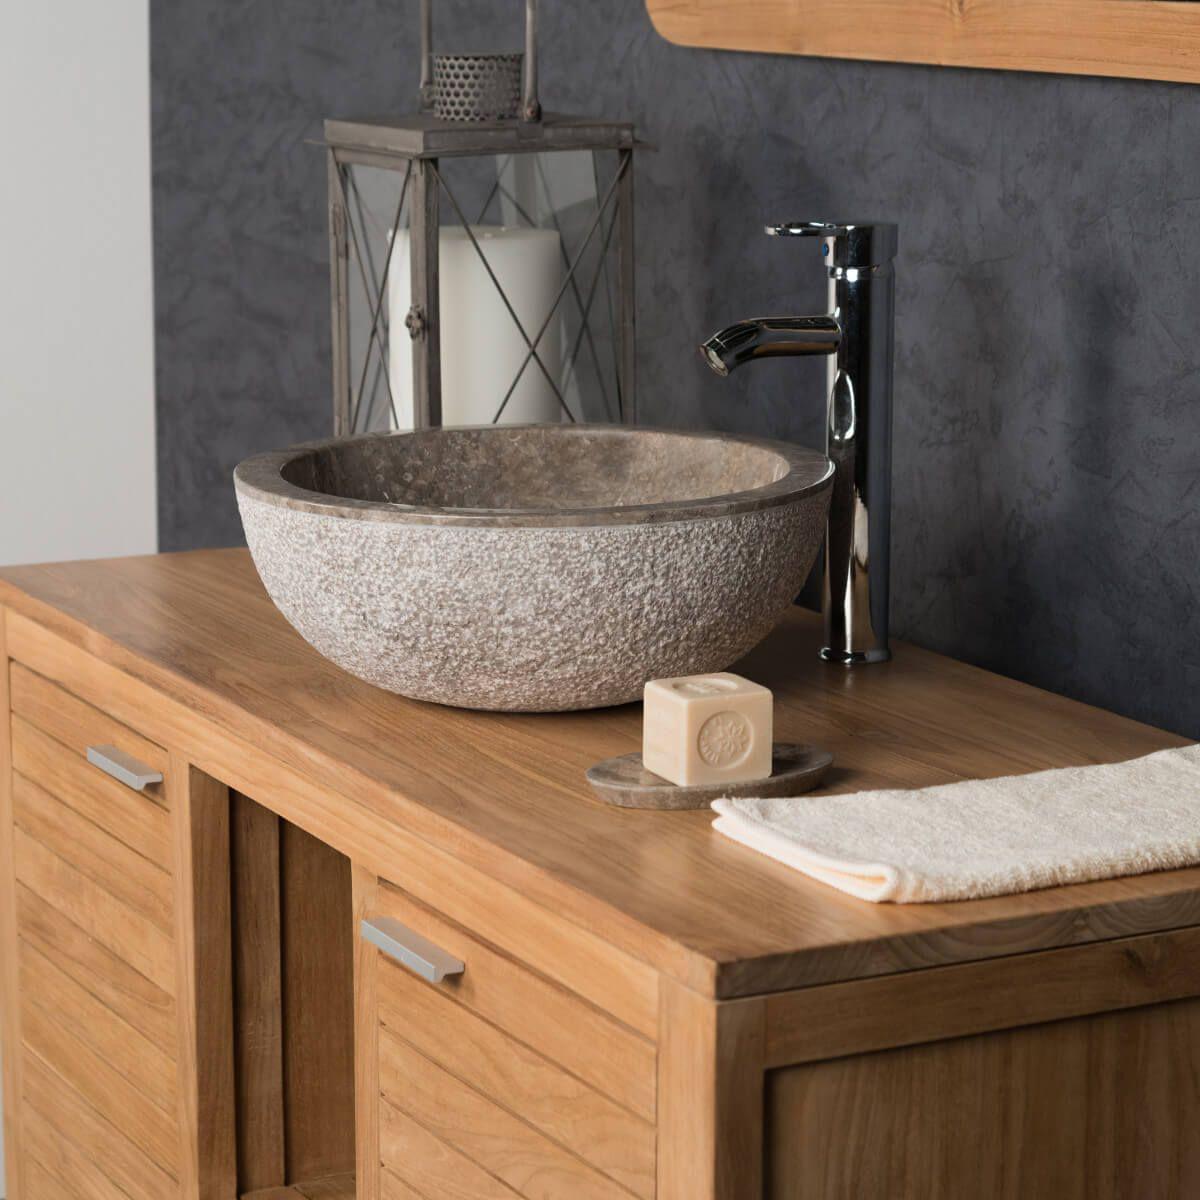 lavabo sobre encimera de mármol ESTRÓMBOLI gris topo 40 cm ...